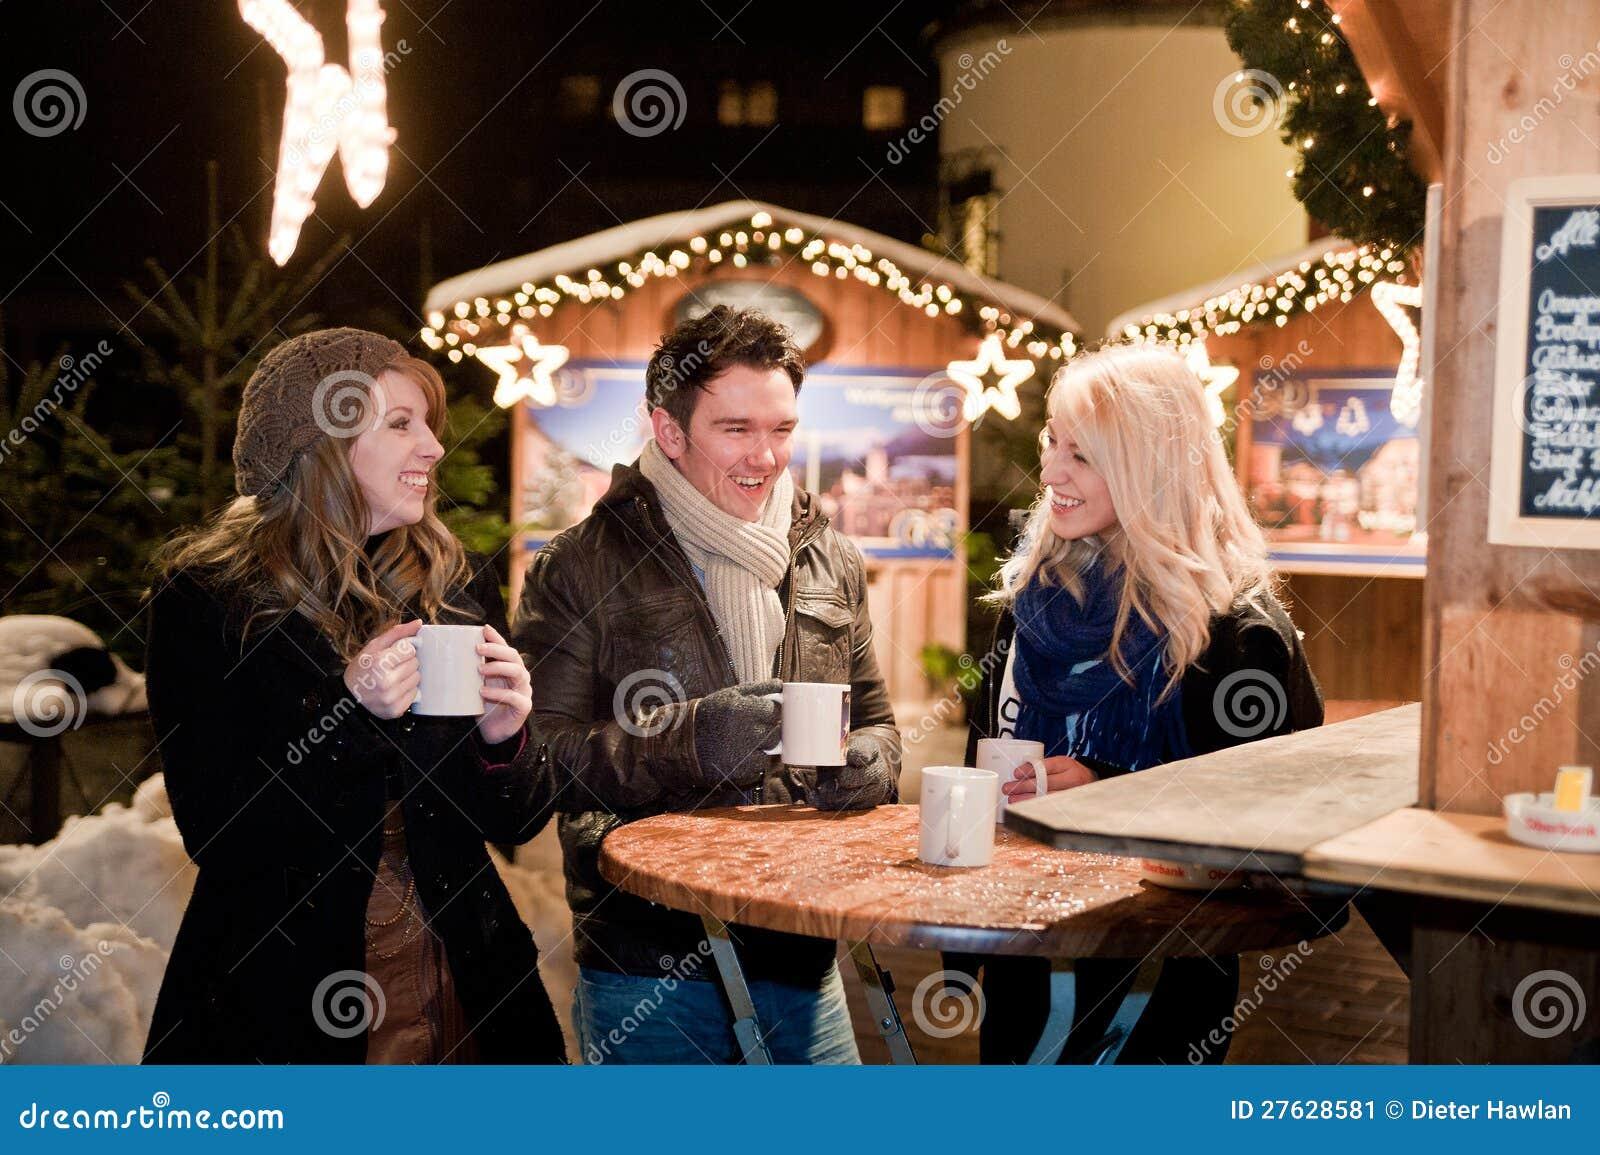 junge leute auf einem weihnachtsmarkt stockbild bild von markt jacke 27628581